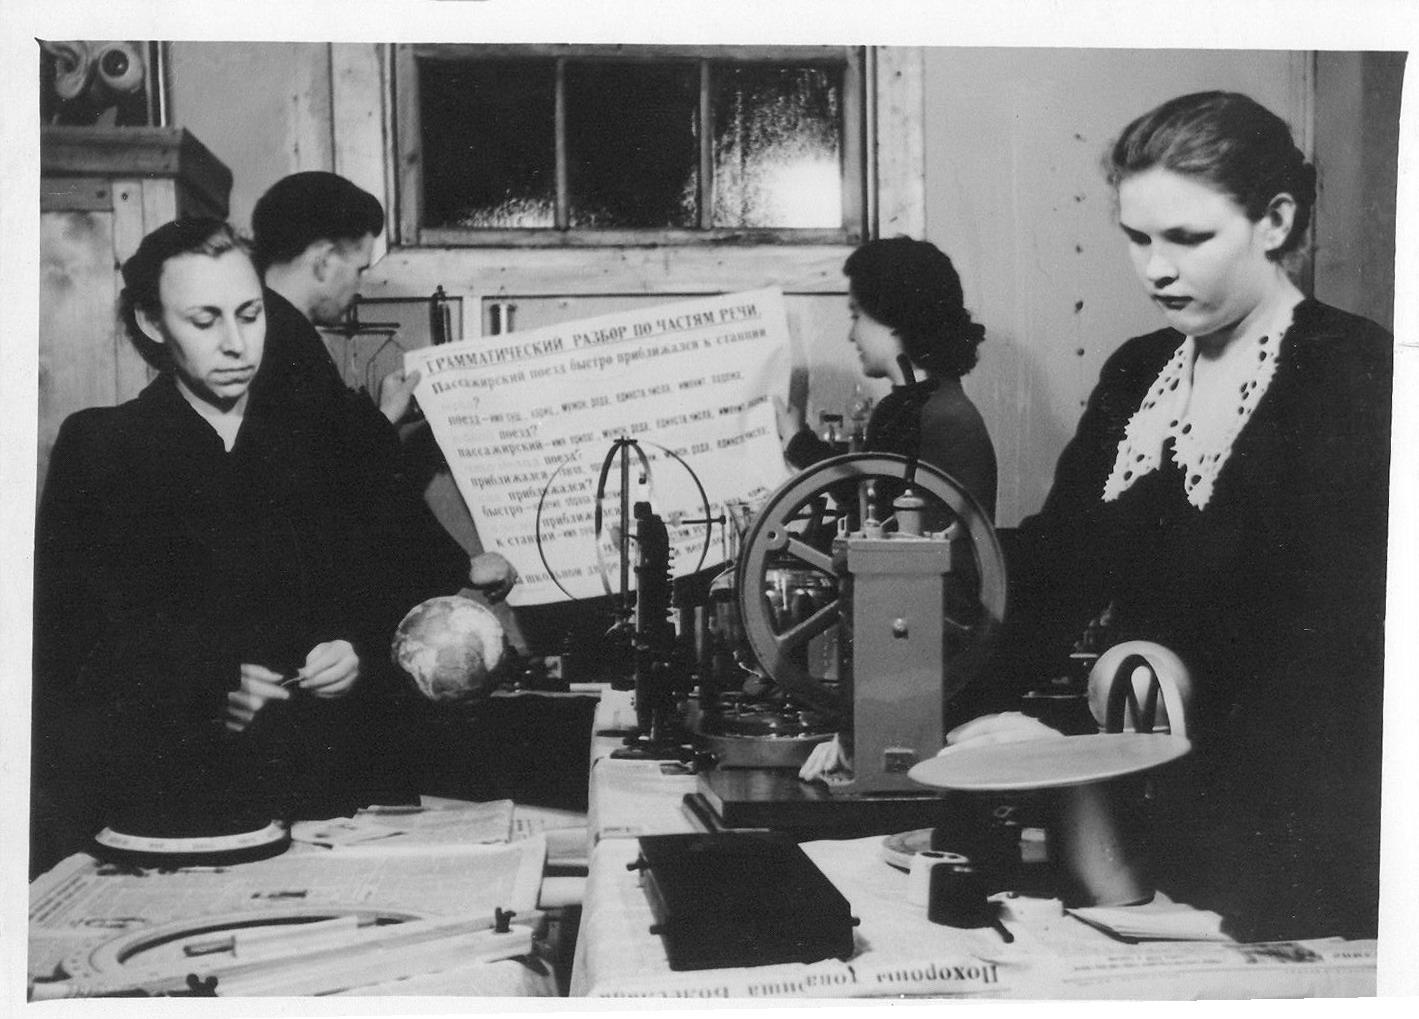 1956. Кабинет наглядных пособий